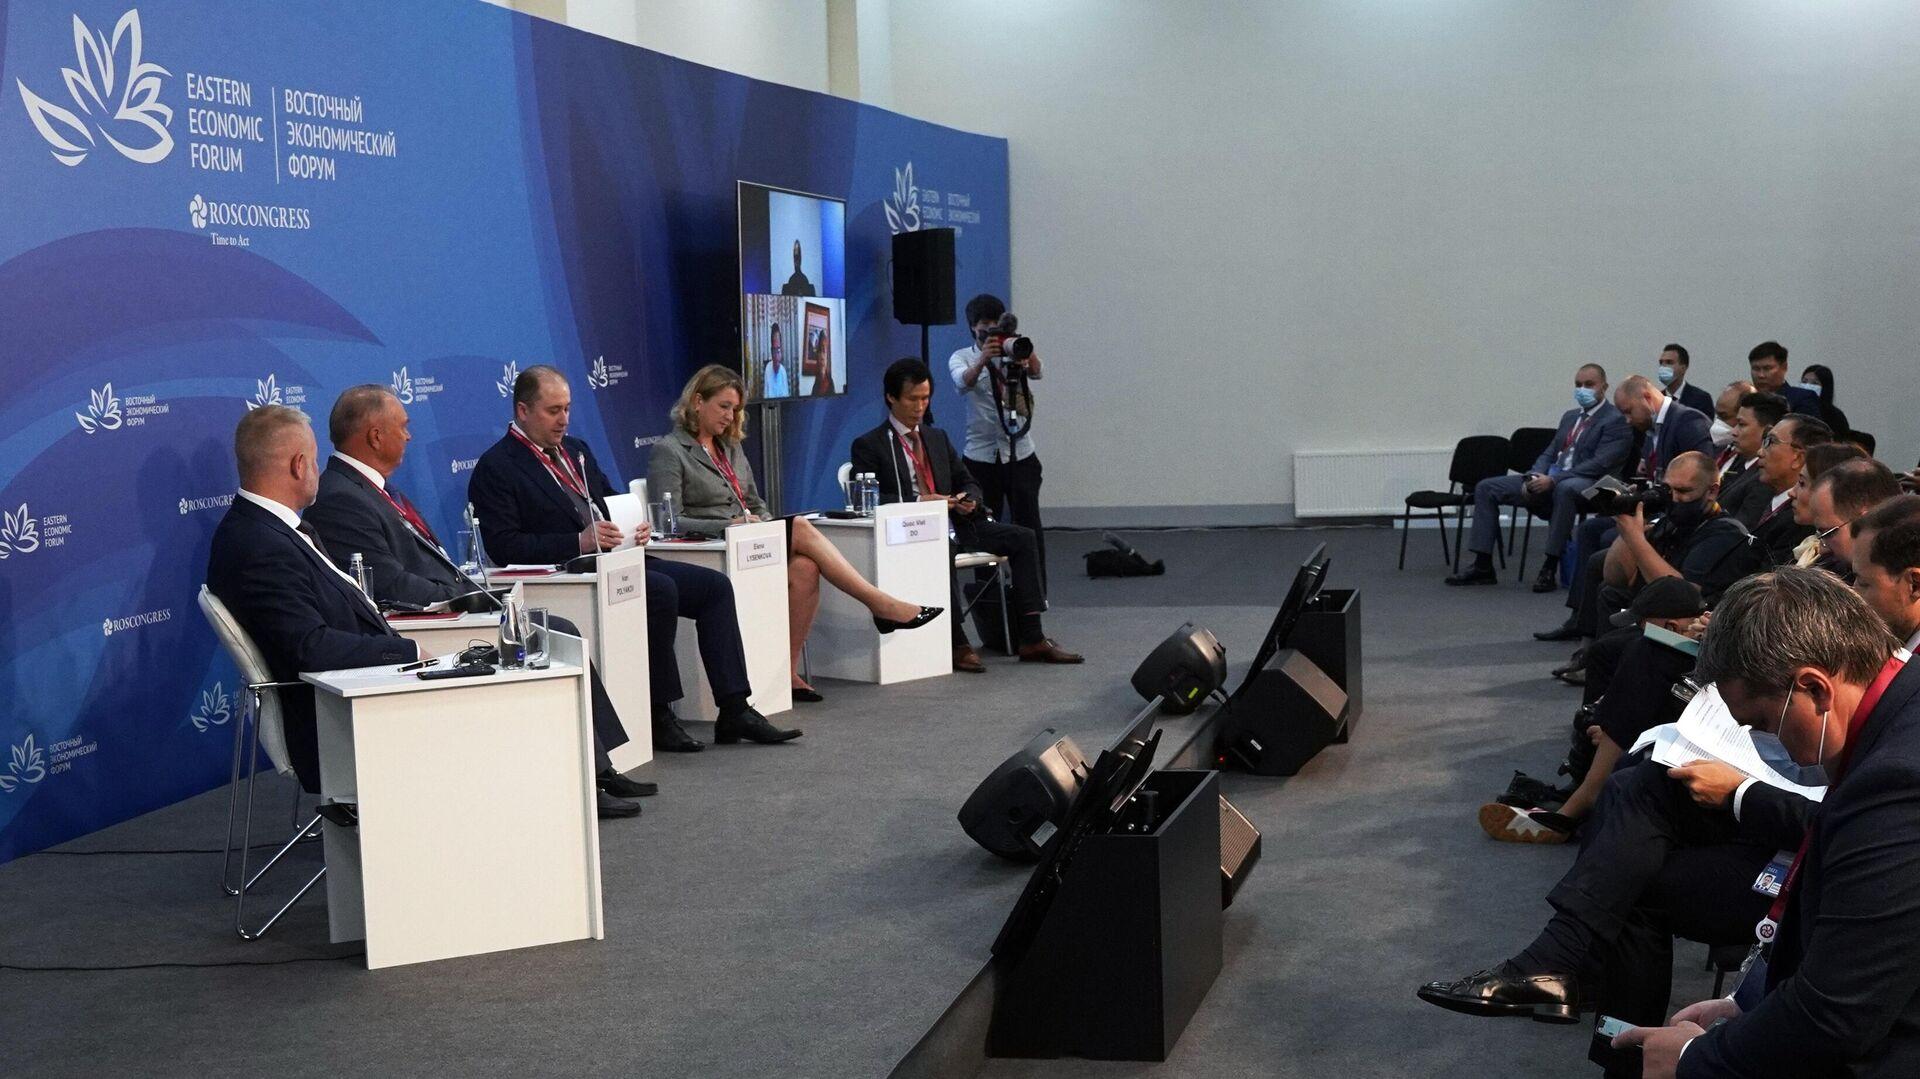 Участники сессии Бизнес-диалог Россия - АСЕАН на ВЭФ-2021 - РИА Новости, 1920, 02.09.2021